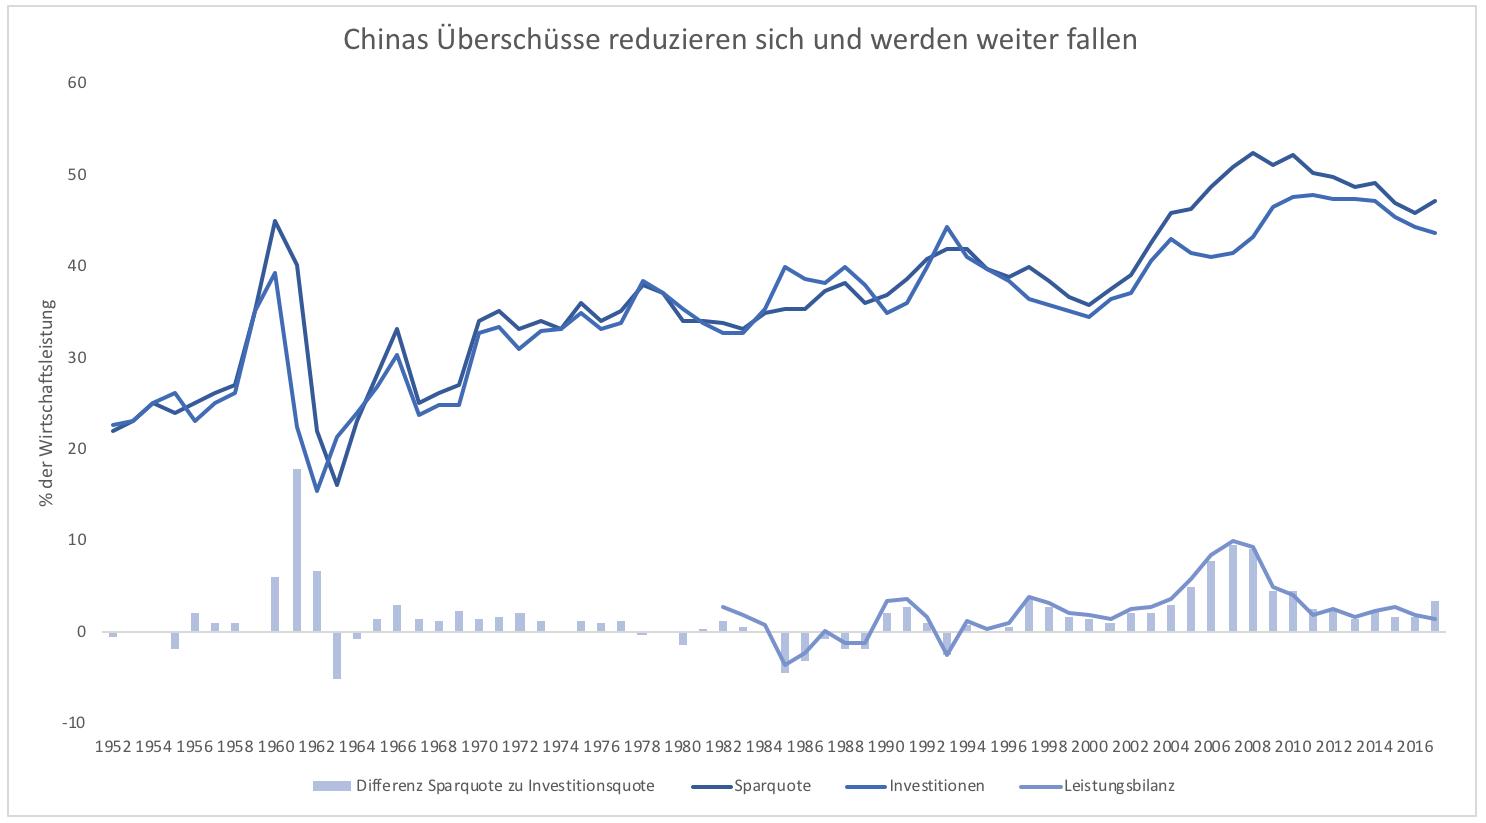 China-kommt-und-geht-auch-wieder-Kommentar-Clemens-Schmale-GodmodeTrader.de-1